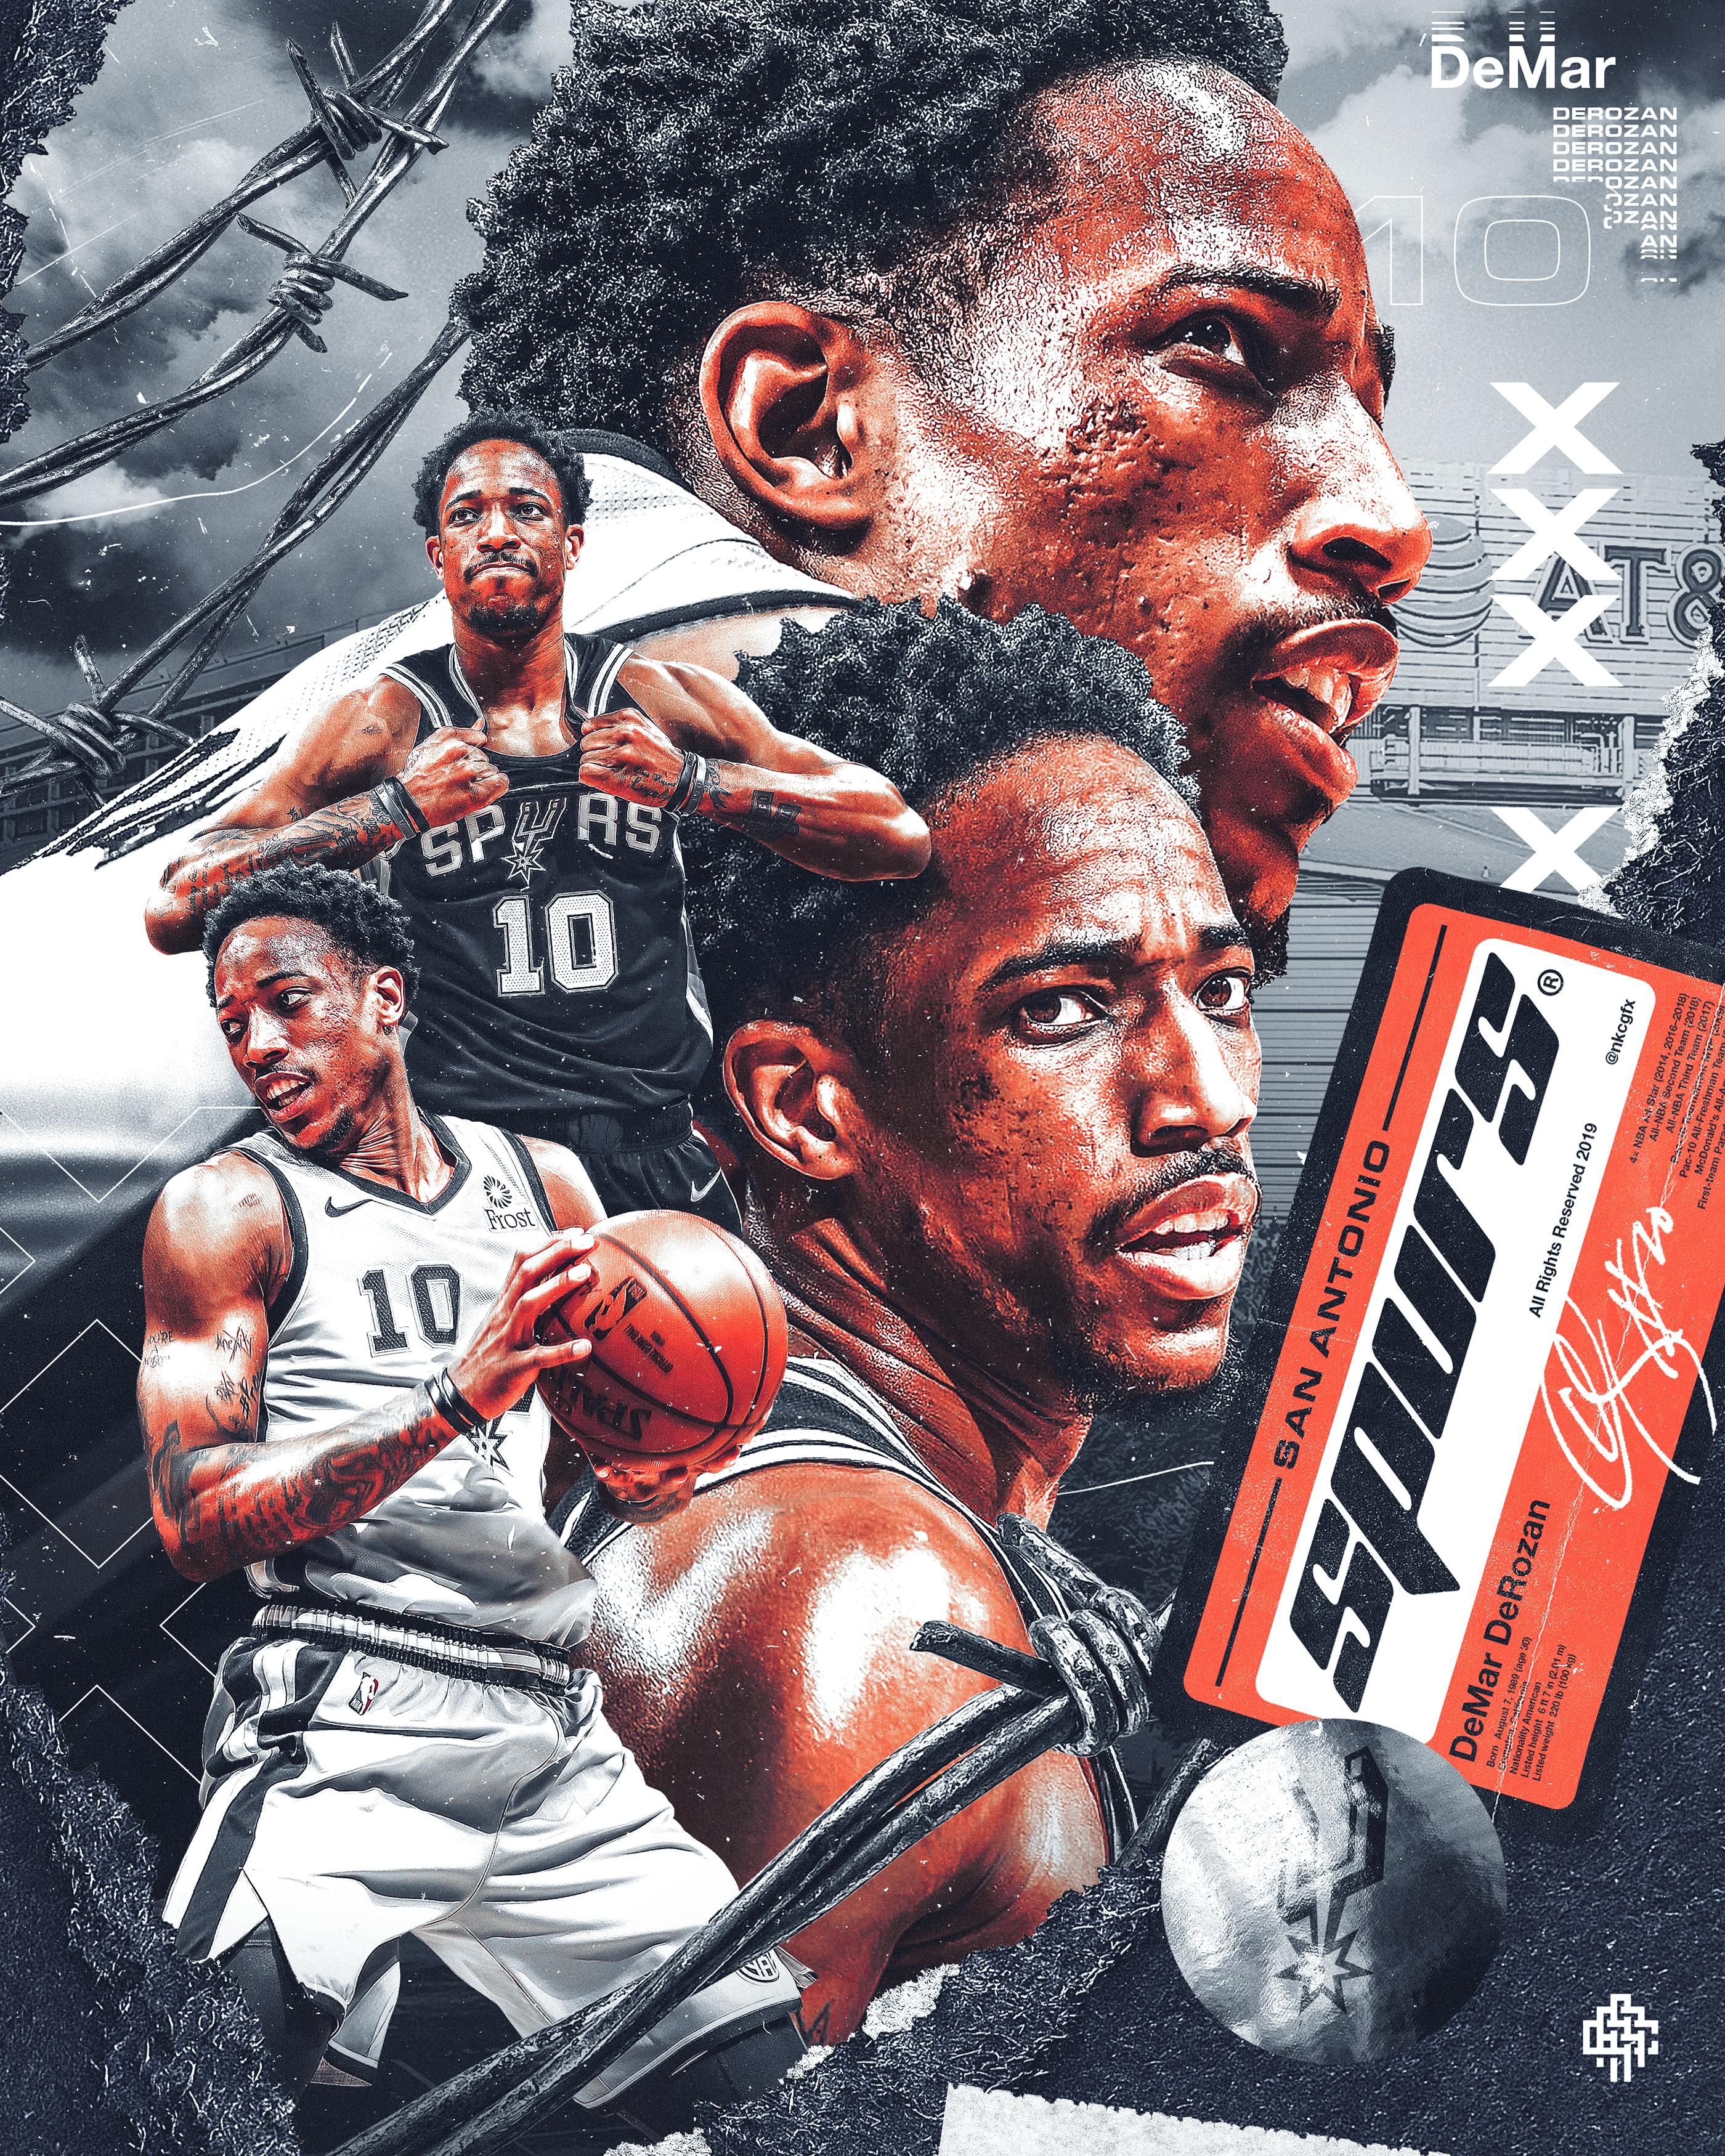 Demar Derozan On Behance Nba Wallpapers Sports Design Inspiration Nba Art